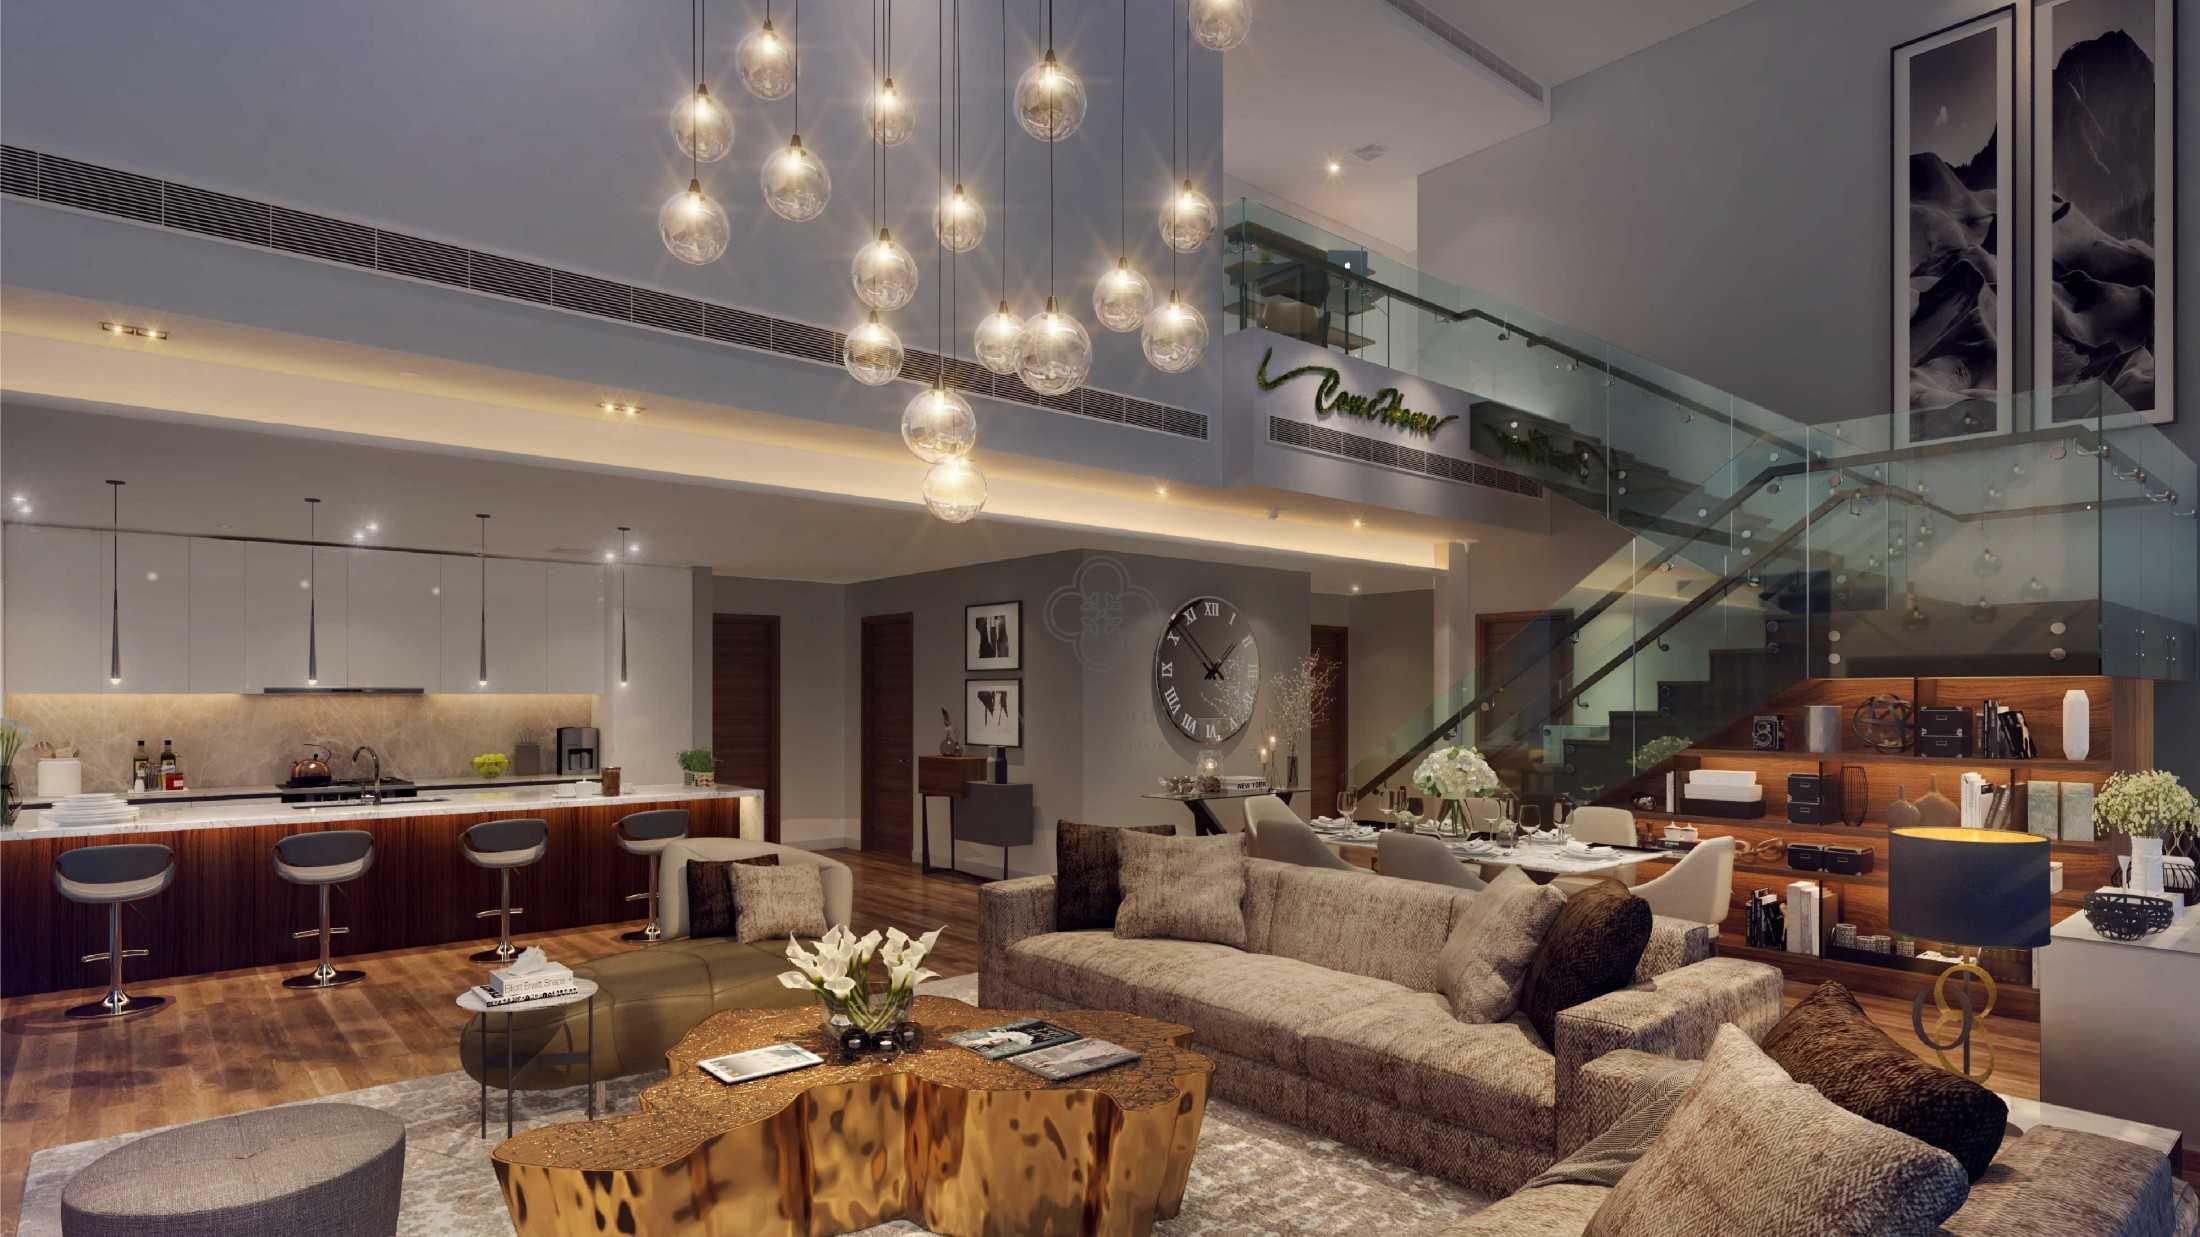 Yose Studio Citywalk Apartment, Dubai Dubai - Uni Emirat Arab Dubai - Uni Emirat Arab Yose-Studio-Citywalk-Apartment-Dubai  109588